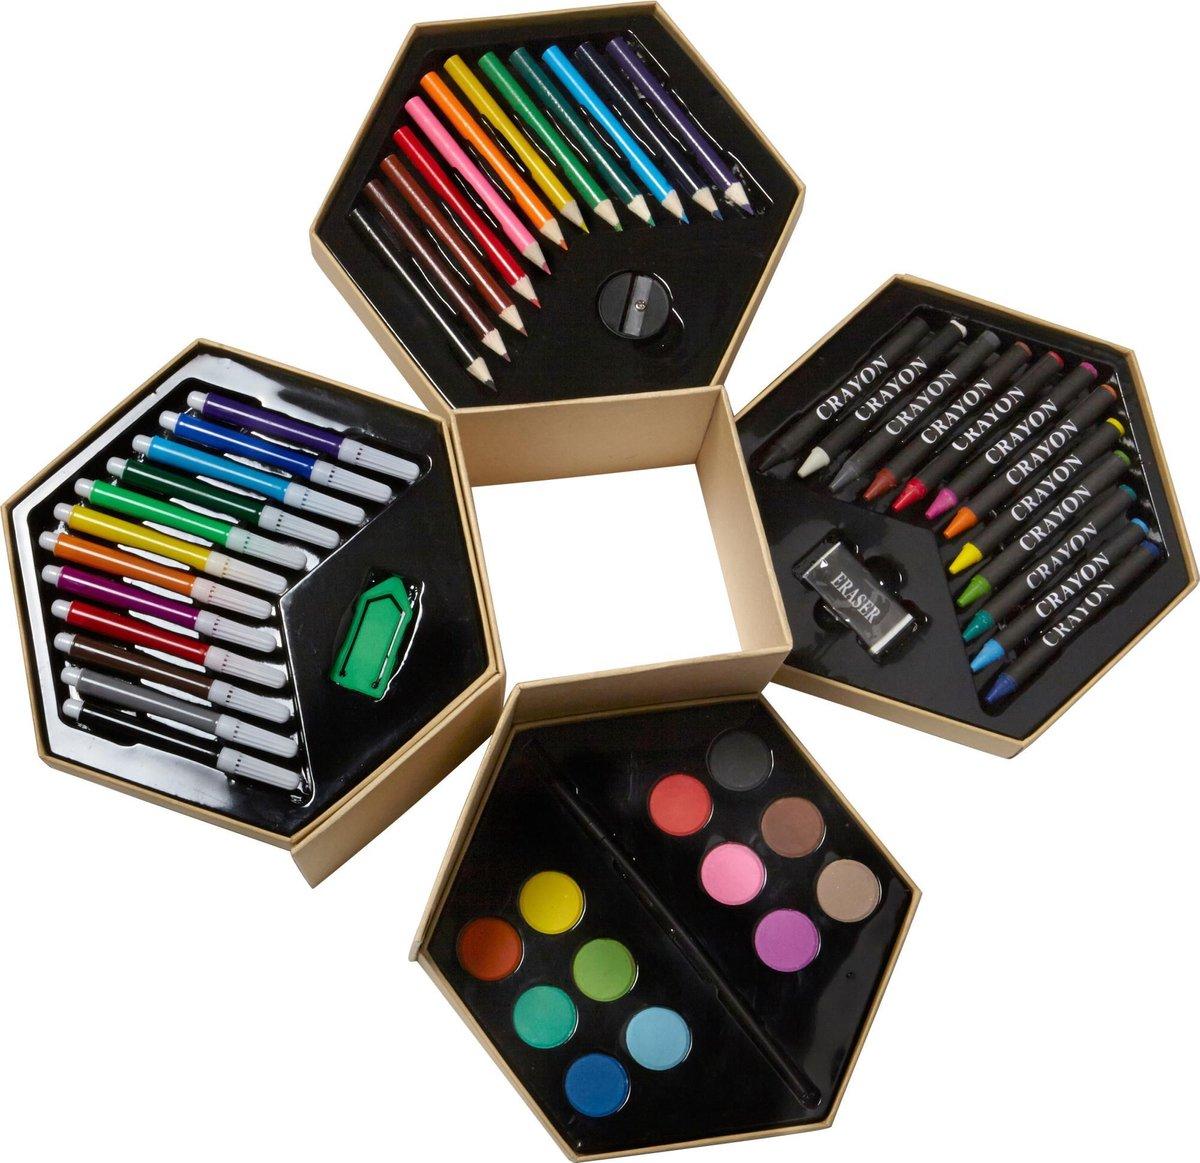 Viltstiften potloden knutsel kleur set met verf wasco puntenslijper gum waterverf en penseeltje compleet pakket